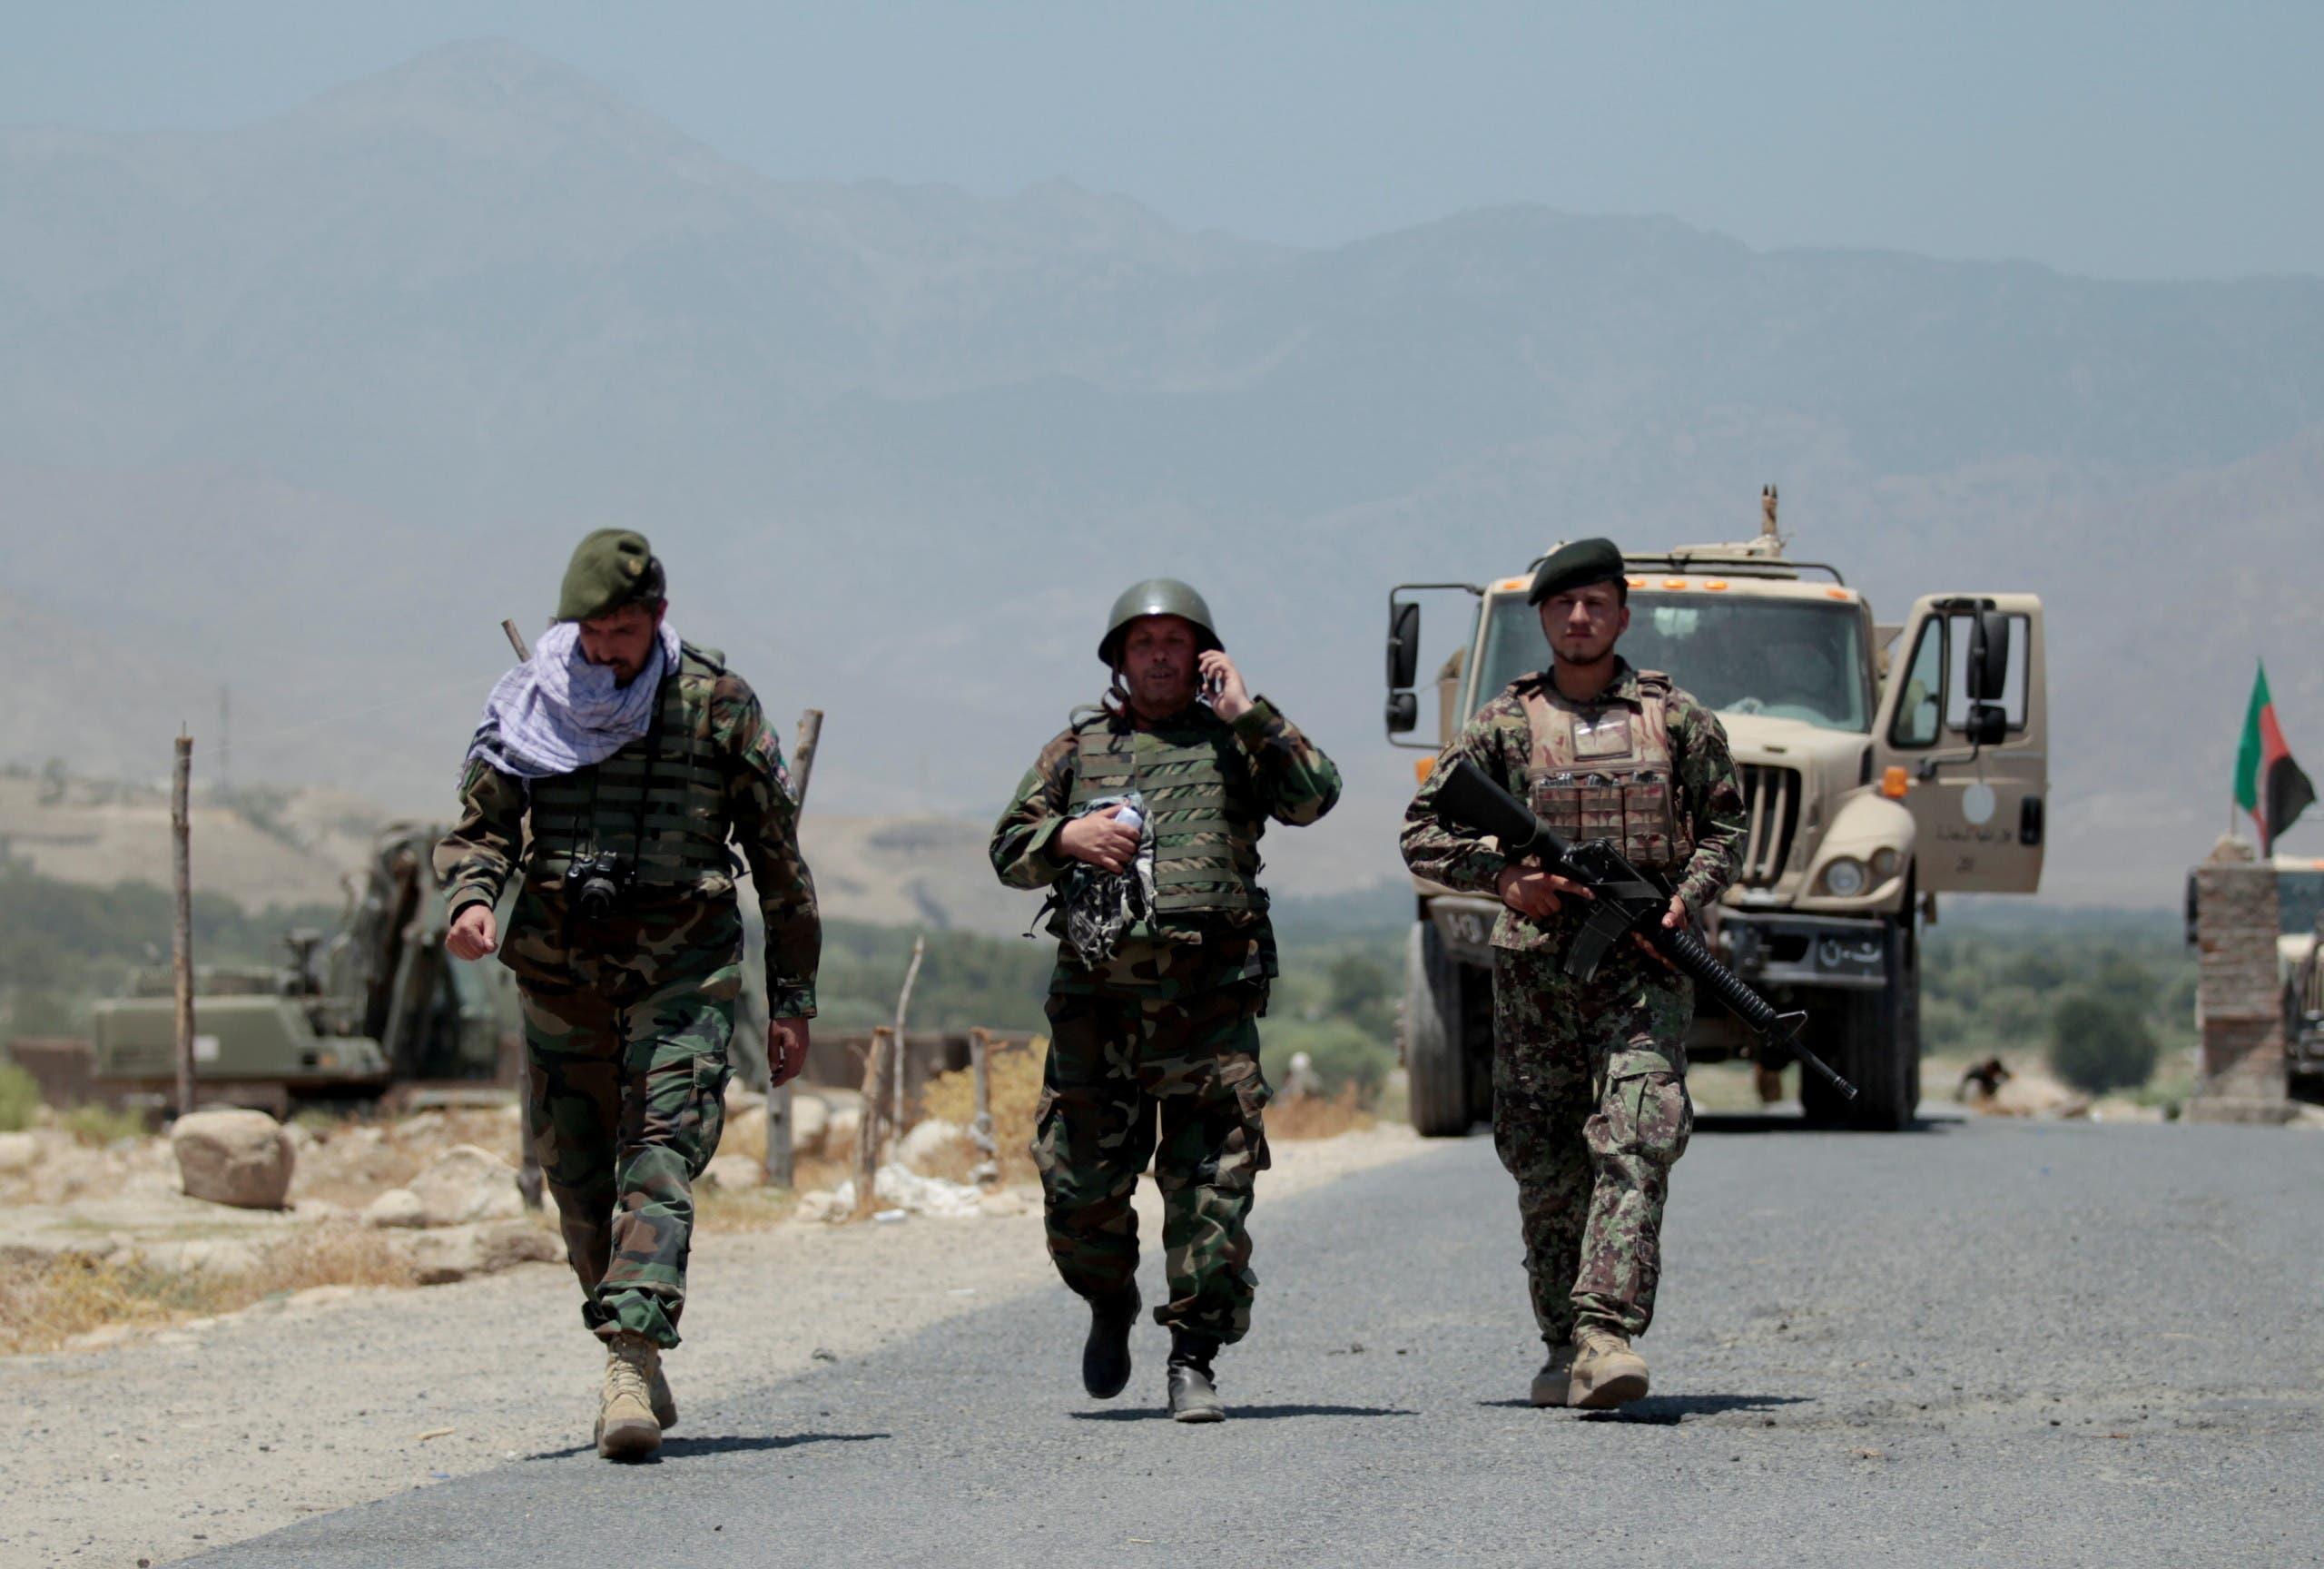 الأمن الأفغاني يسير دورية قرب نقطة حدودية سيطرت عليها طالبان مؤخراً